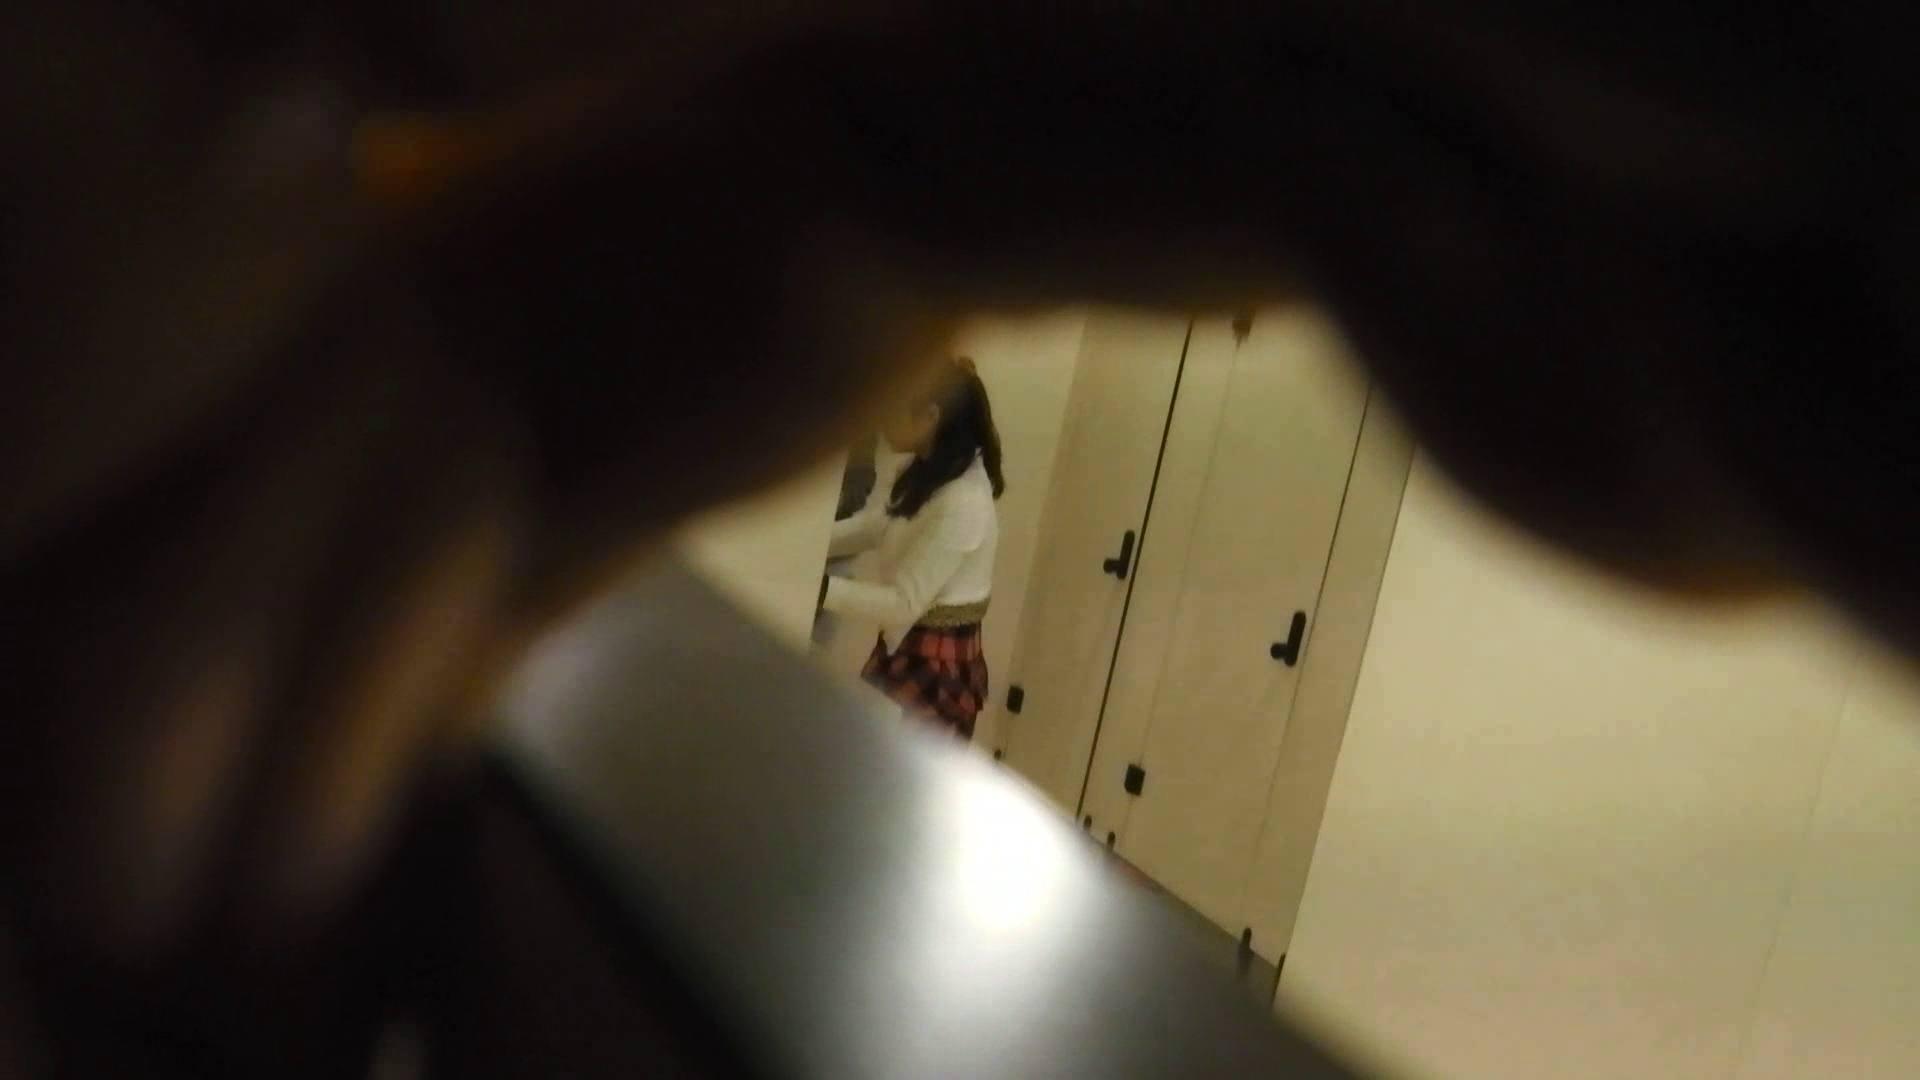 世界の射窓から vol.18 丸見え AV動画キャプチャ 85画像 83